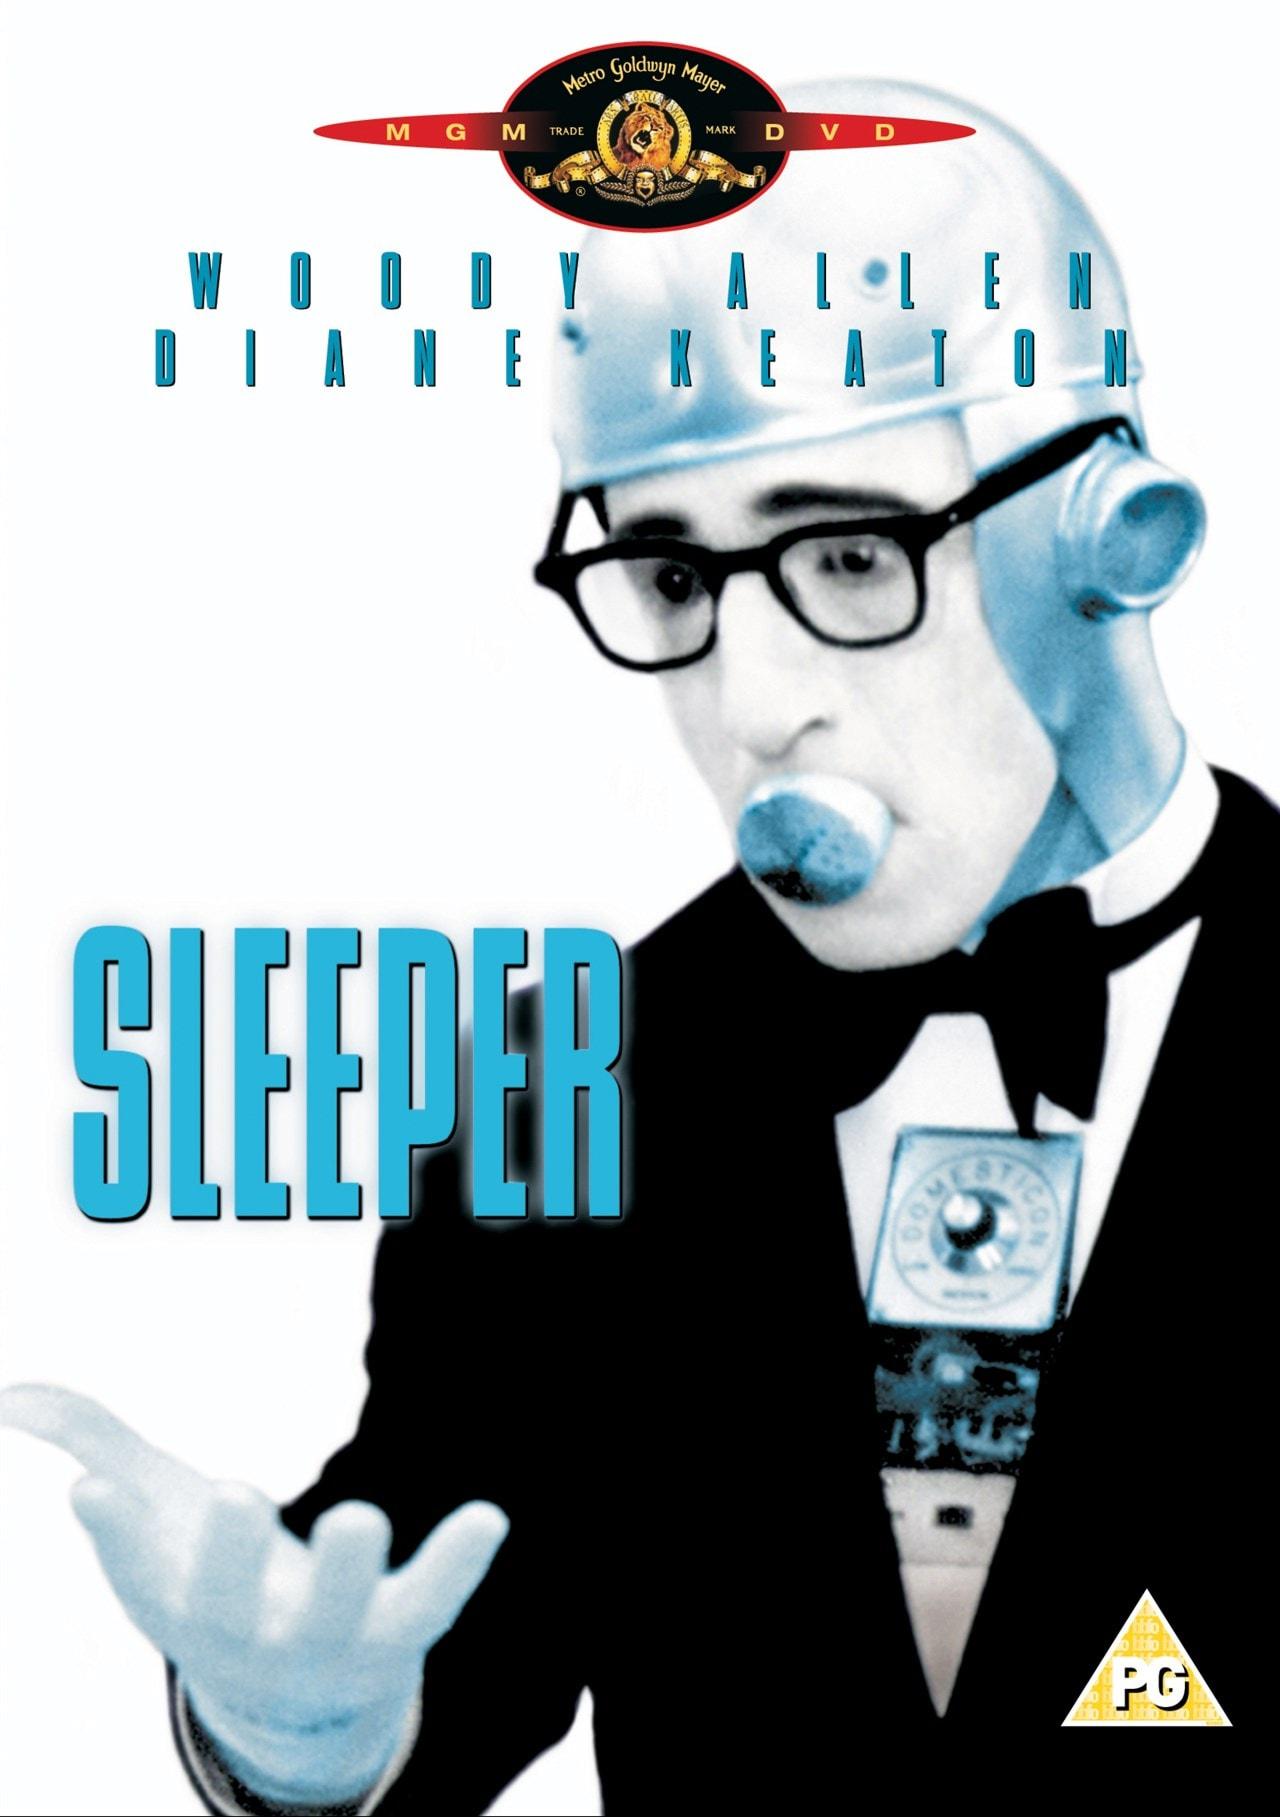 Sleeper - 1